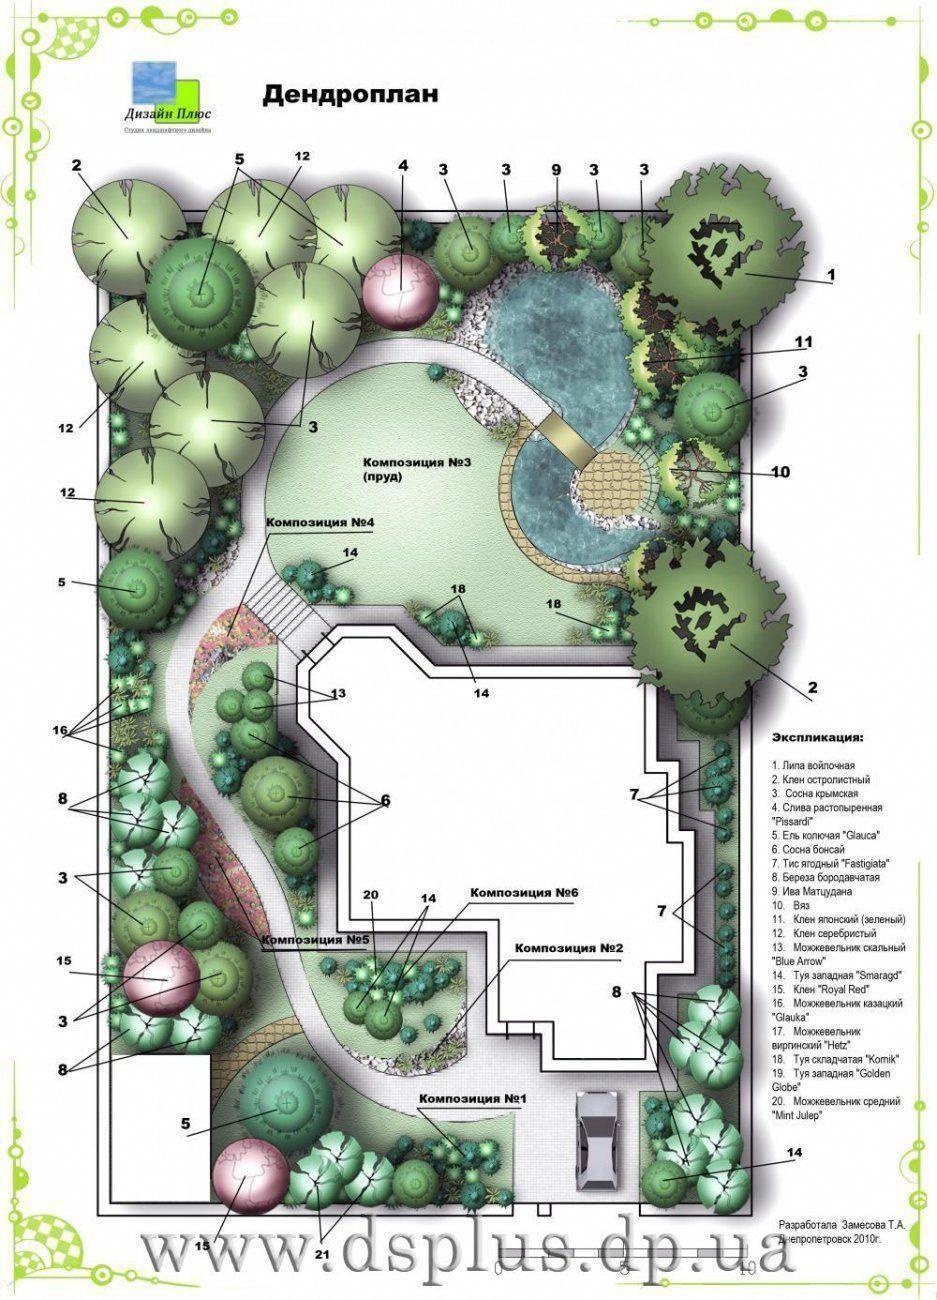 Landscape Gardening Falkirk Landscape Gardening Ideas Images Landscape Design Drawings Landscape Plans Garden Landscape Design